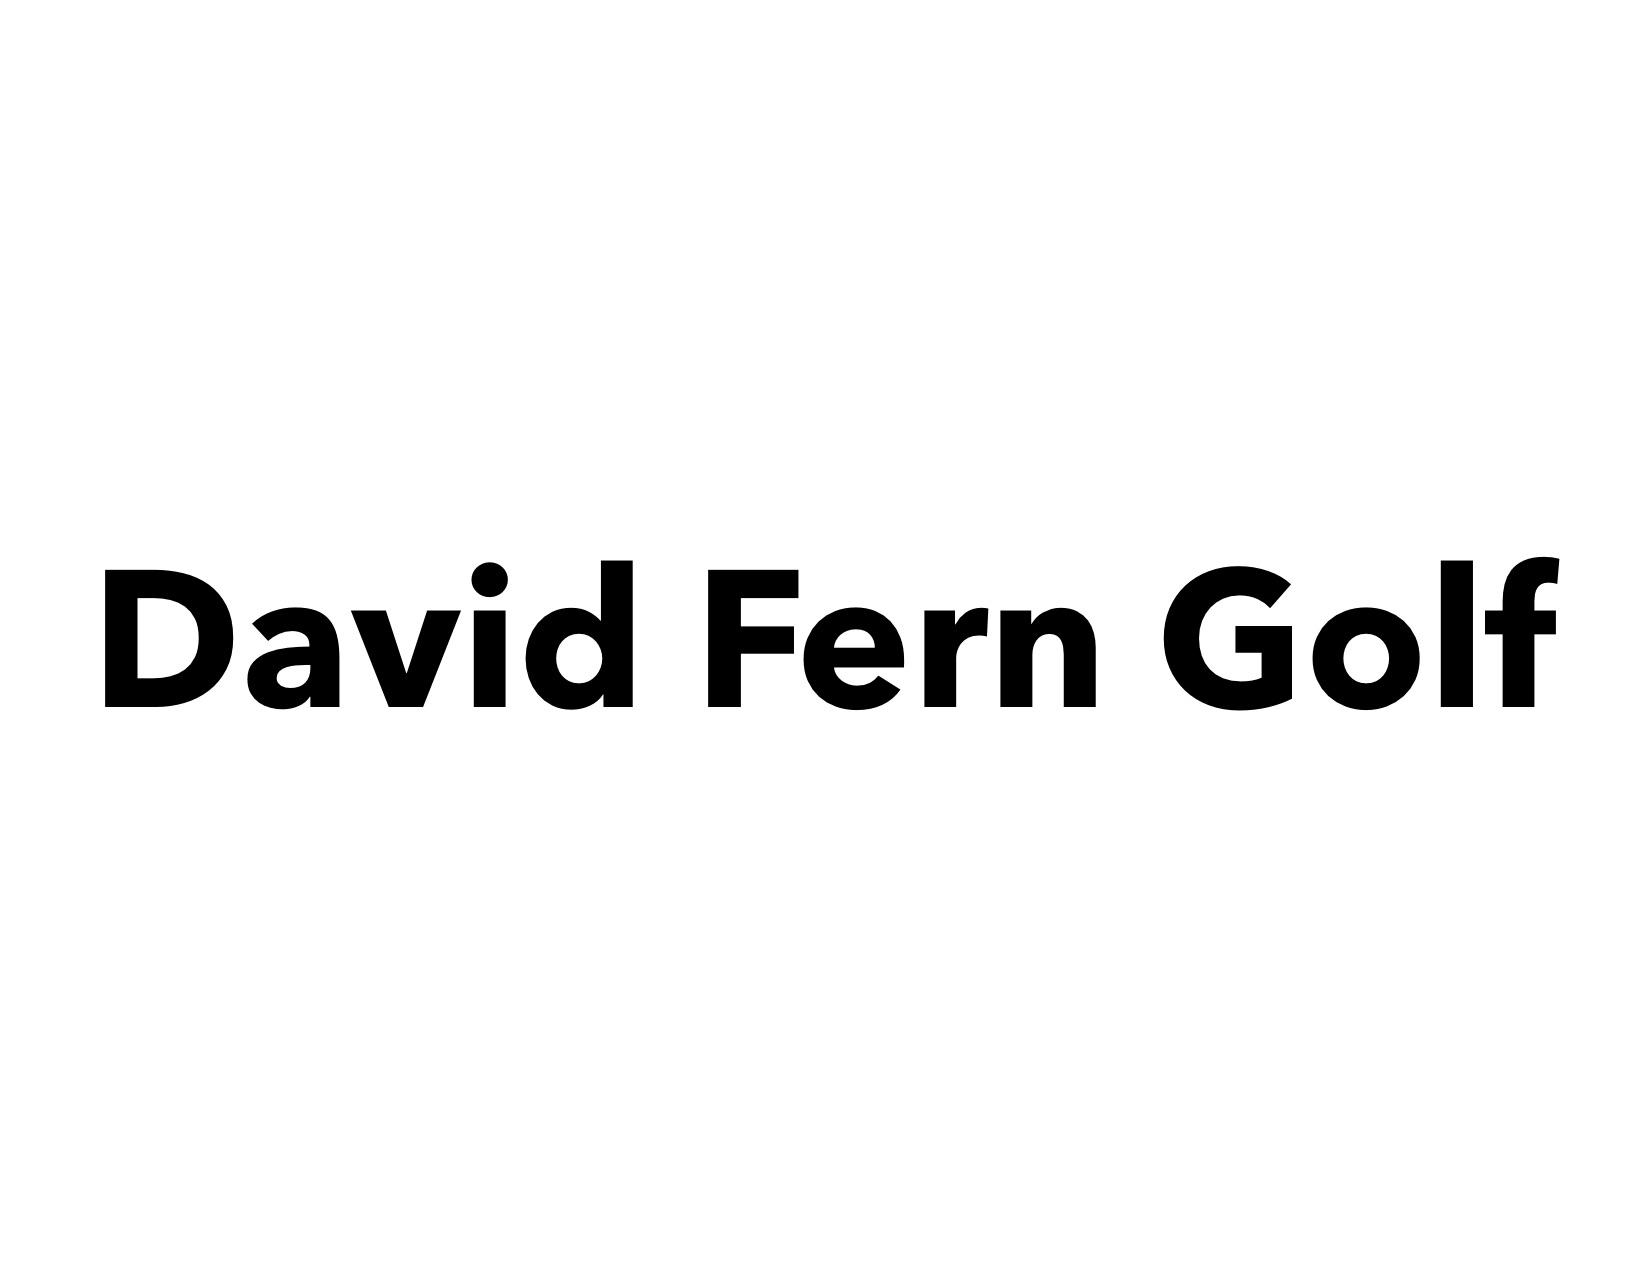 David Fern